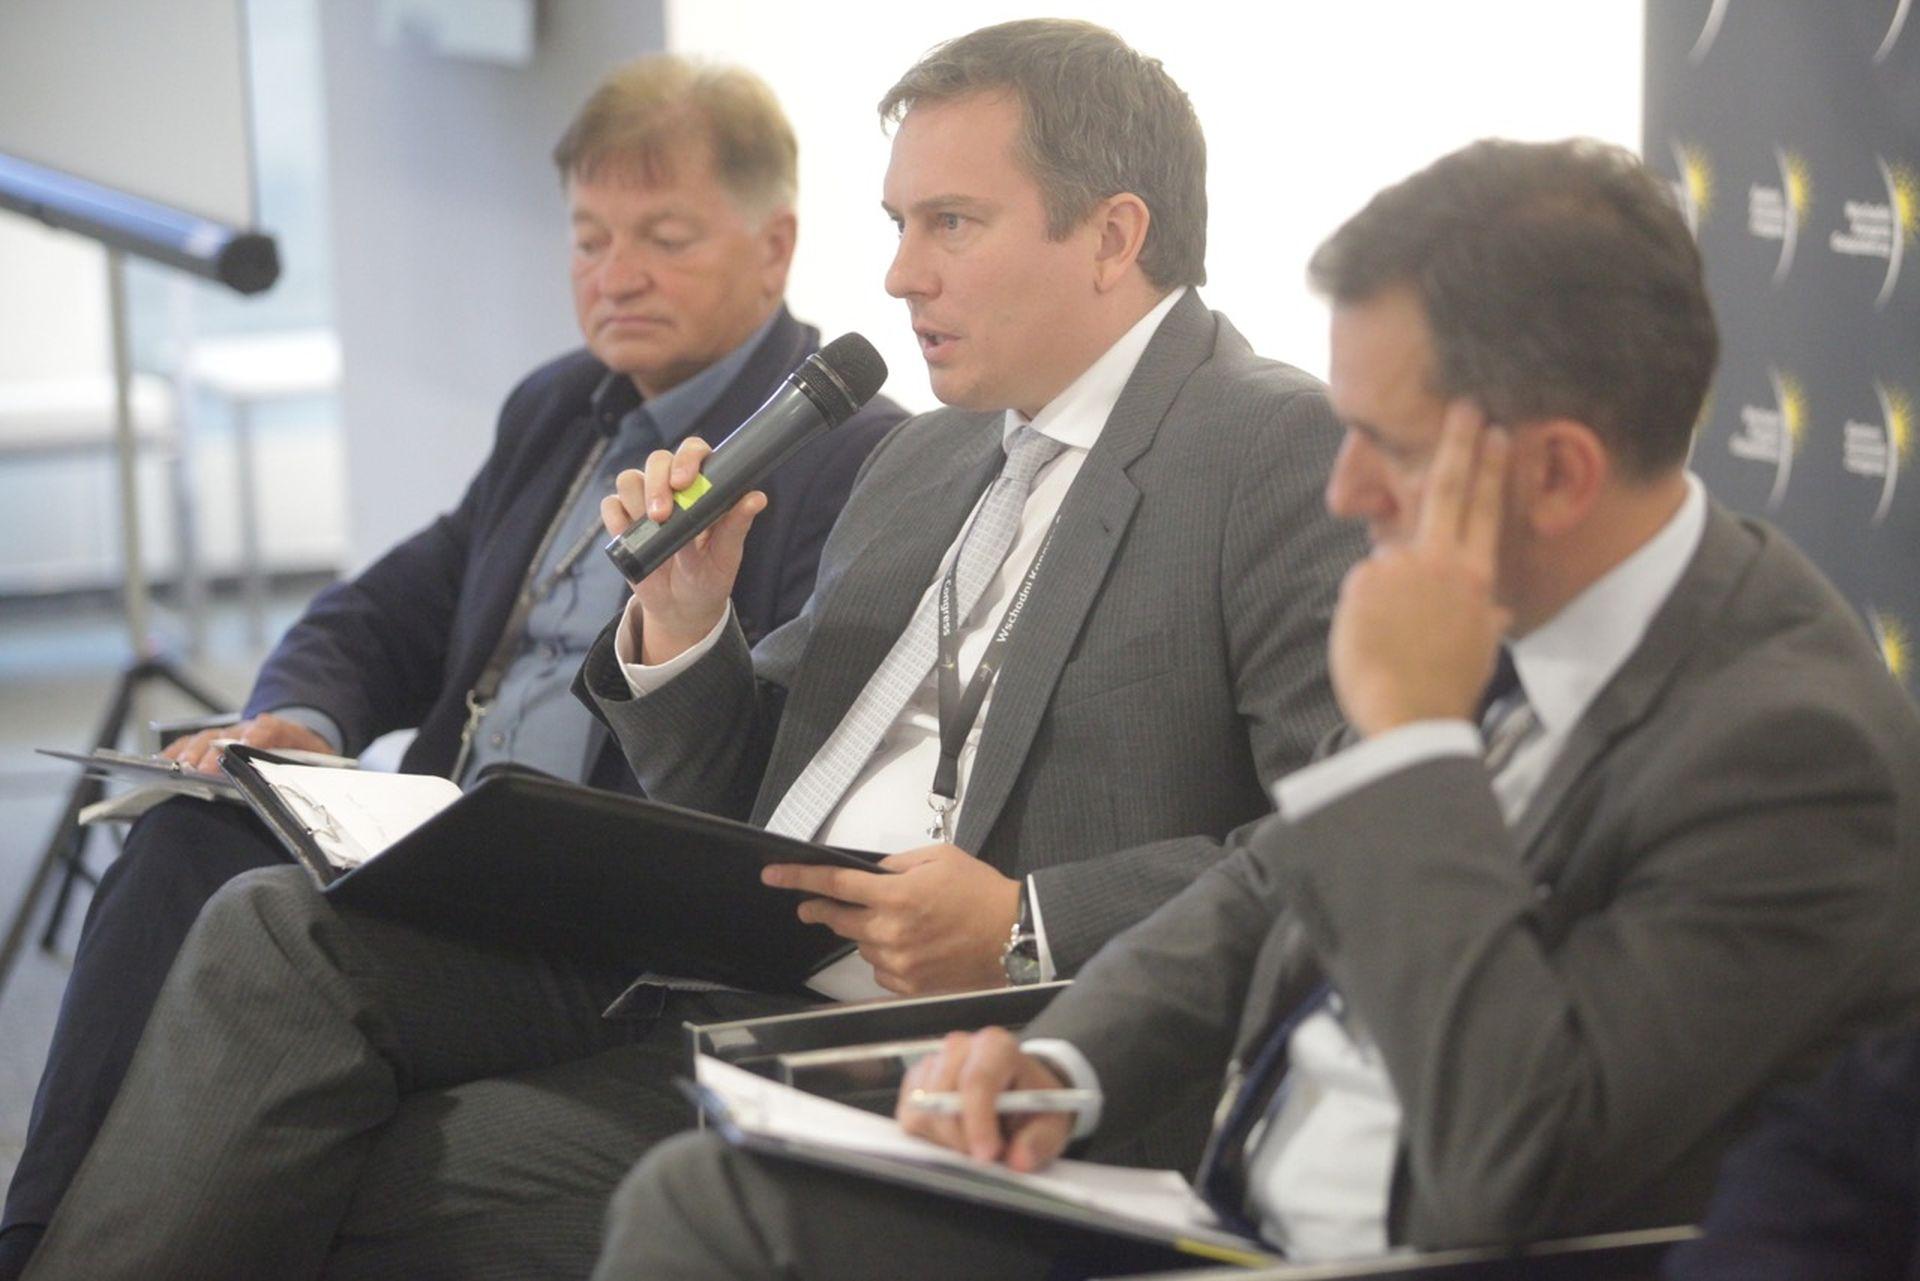 Biznes potrzebuje wymiany informacji z uczelniami - podkreśla Radosław Kubaś, partner, Lider Zespołu ds. Sektora Publicznego Deloitte Fot. PTWP